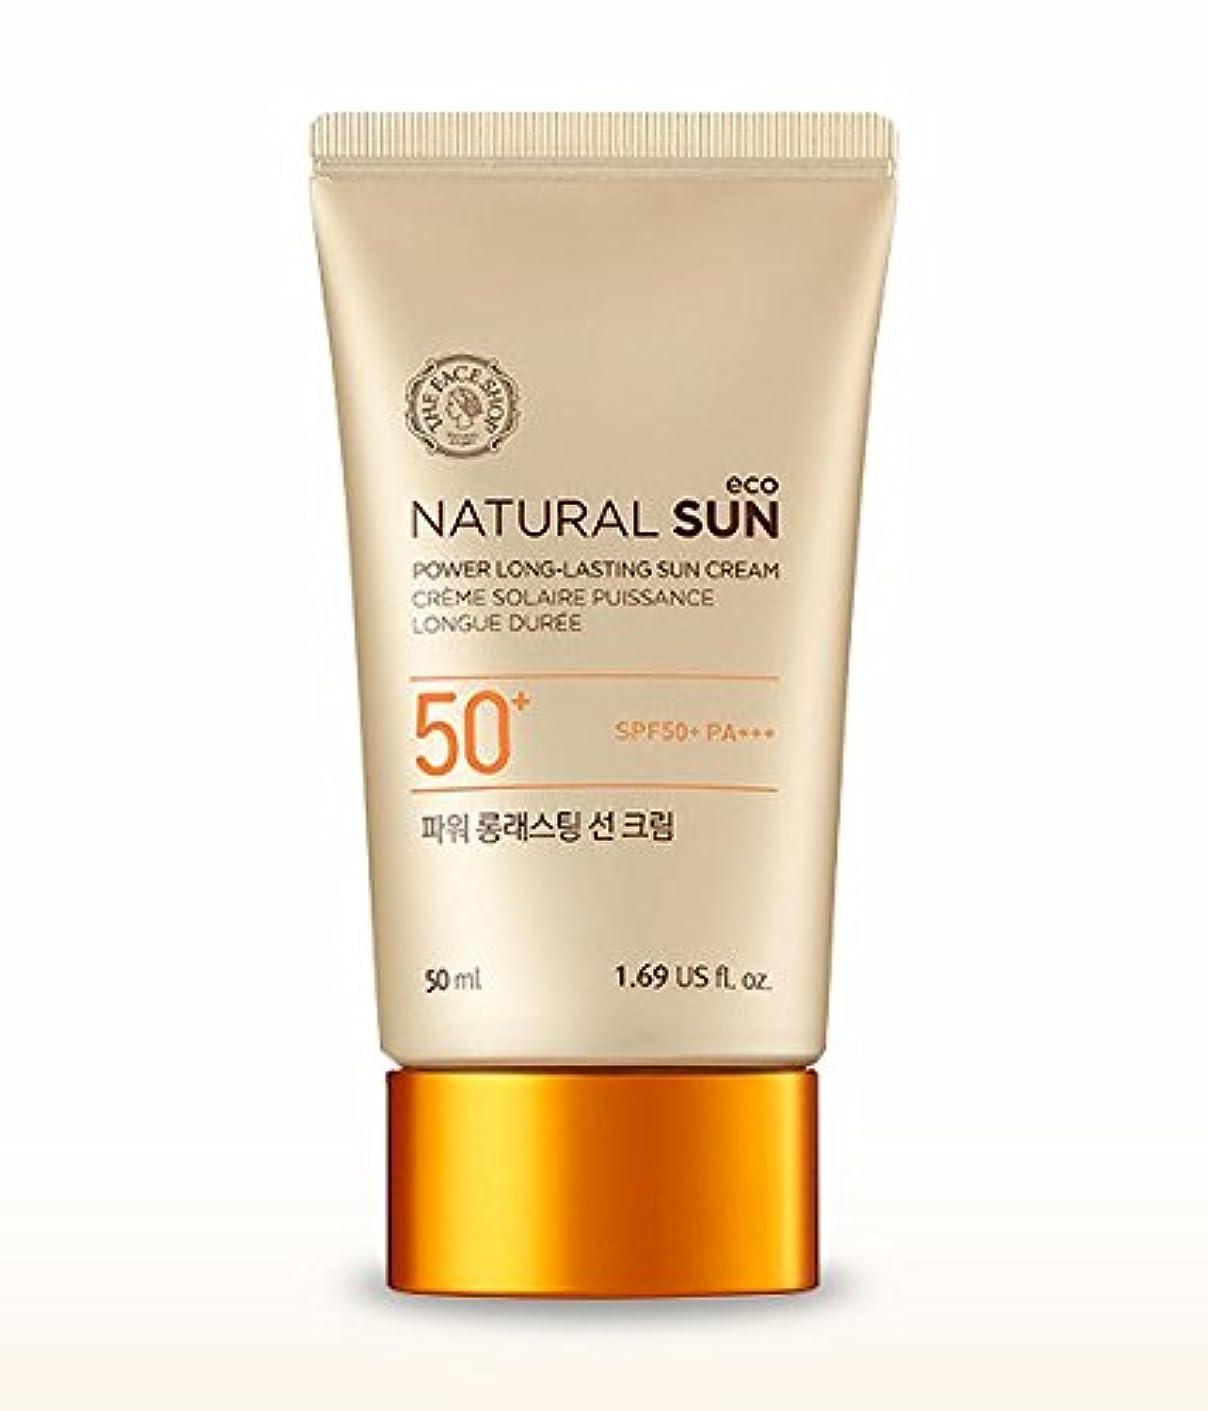 現実的窓を洗う属性THE FACE SHOP Natural Sun Eco Power Long Lasting Sun Cream 50mlザフェイスショップ ナチュラルサンパワーロングラスティングサンクリーム [並行輸入品]